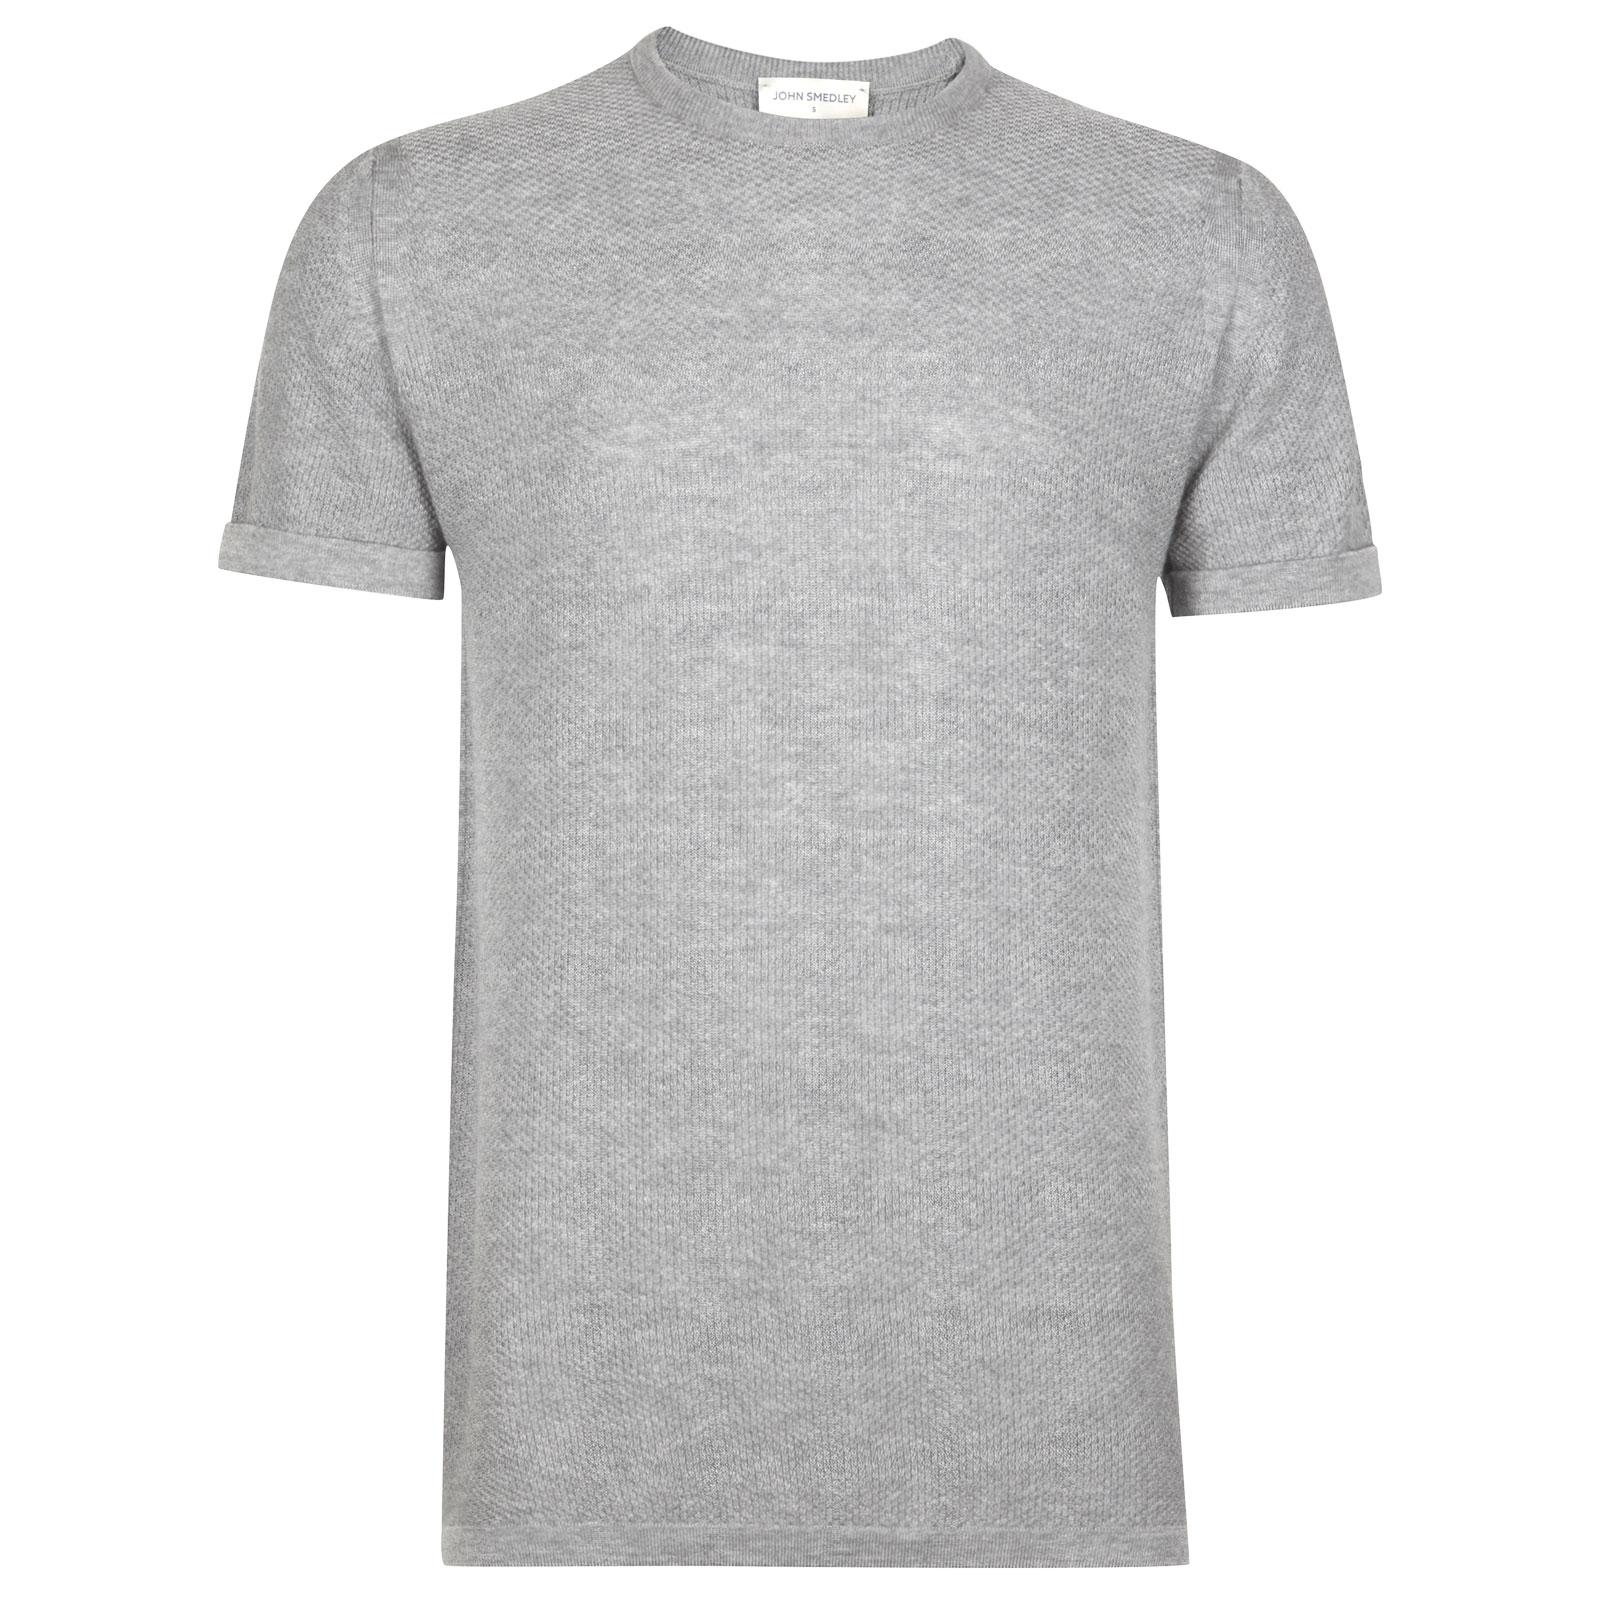 John Smedley 2Singular Merino Wool T-Shirt in Bardot Grey-L